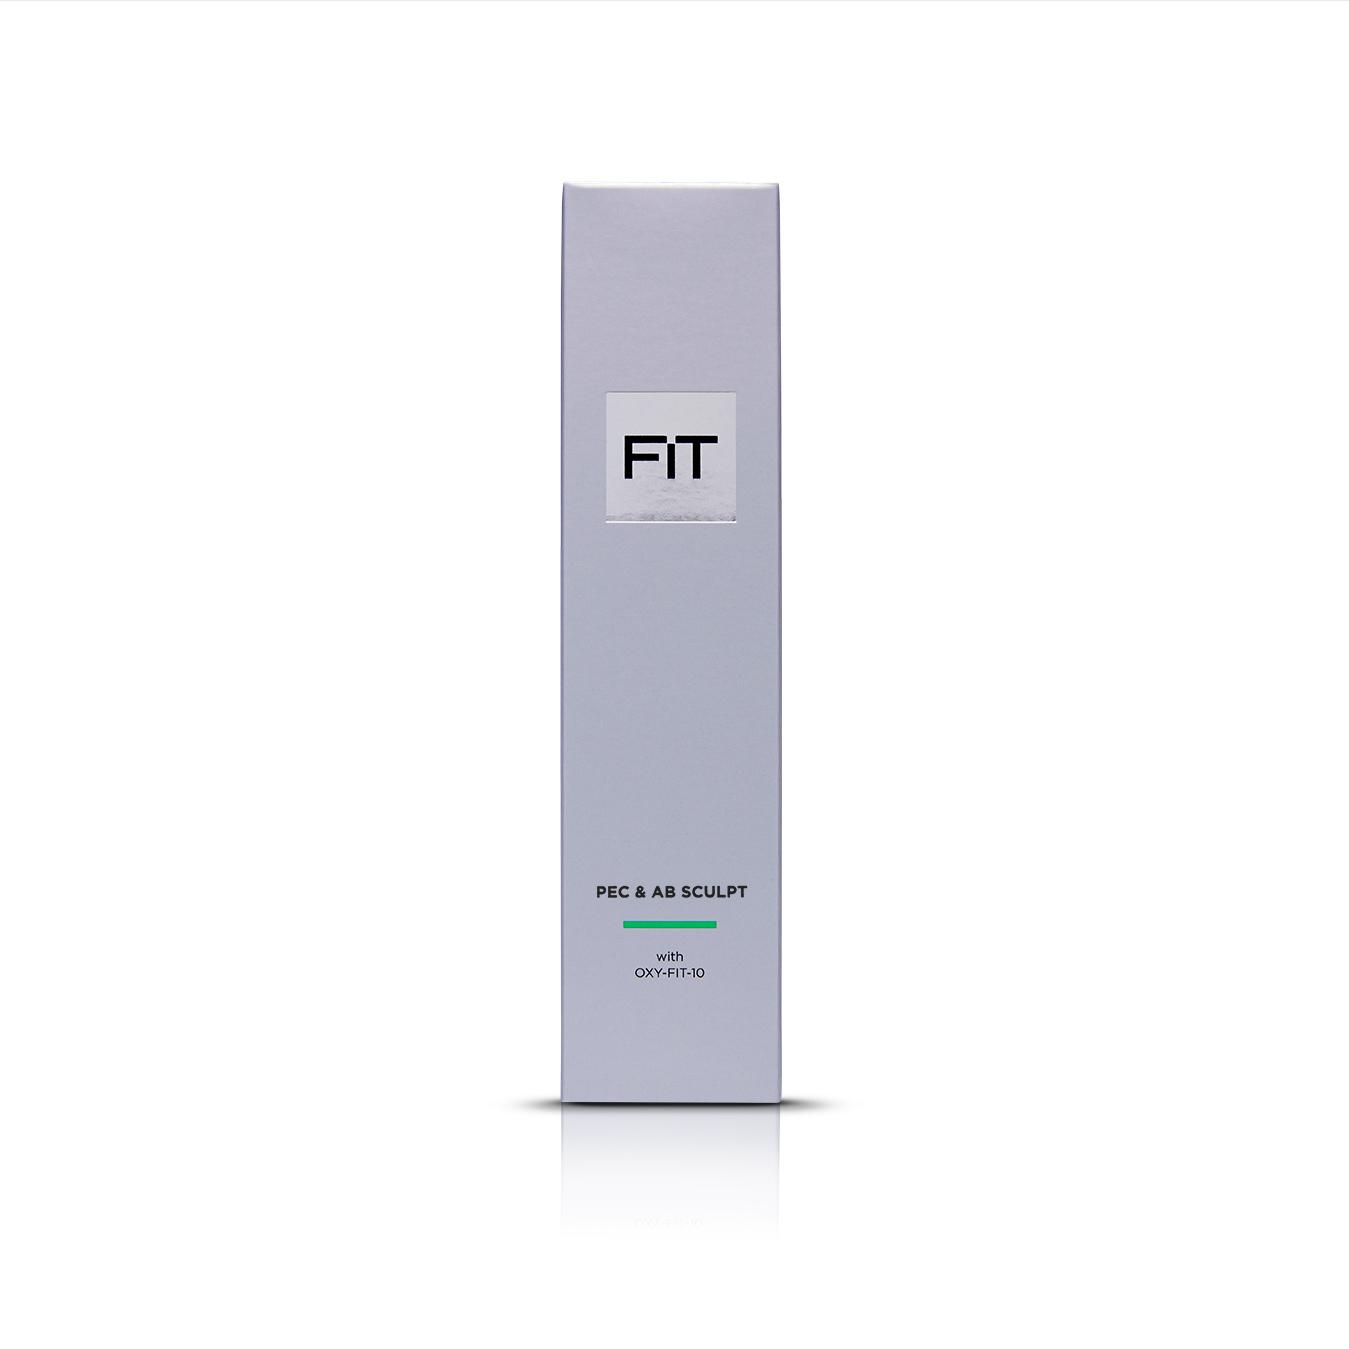 Serum Tan Mỡ Fit Pec & Ab Sculpt - 100ml